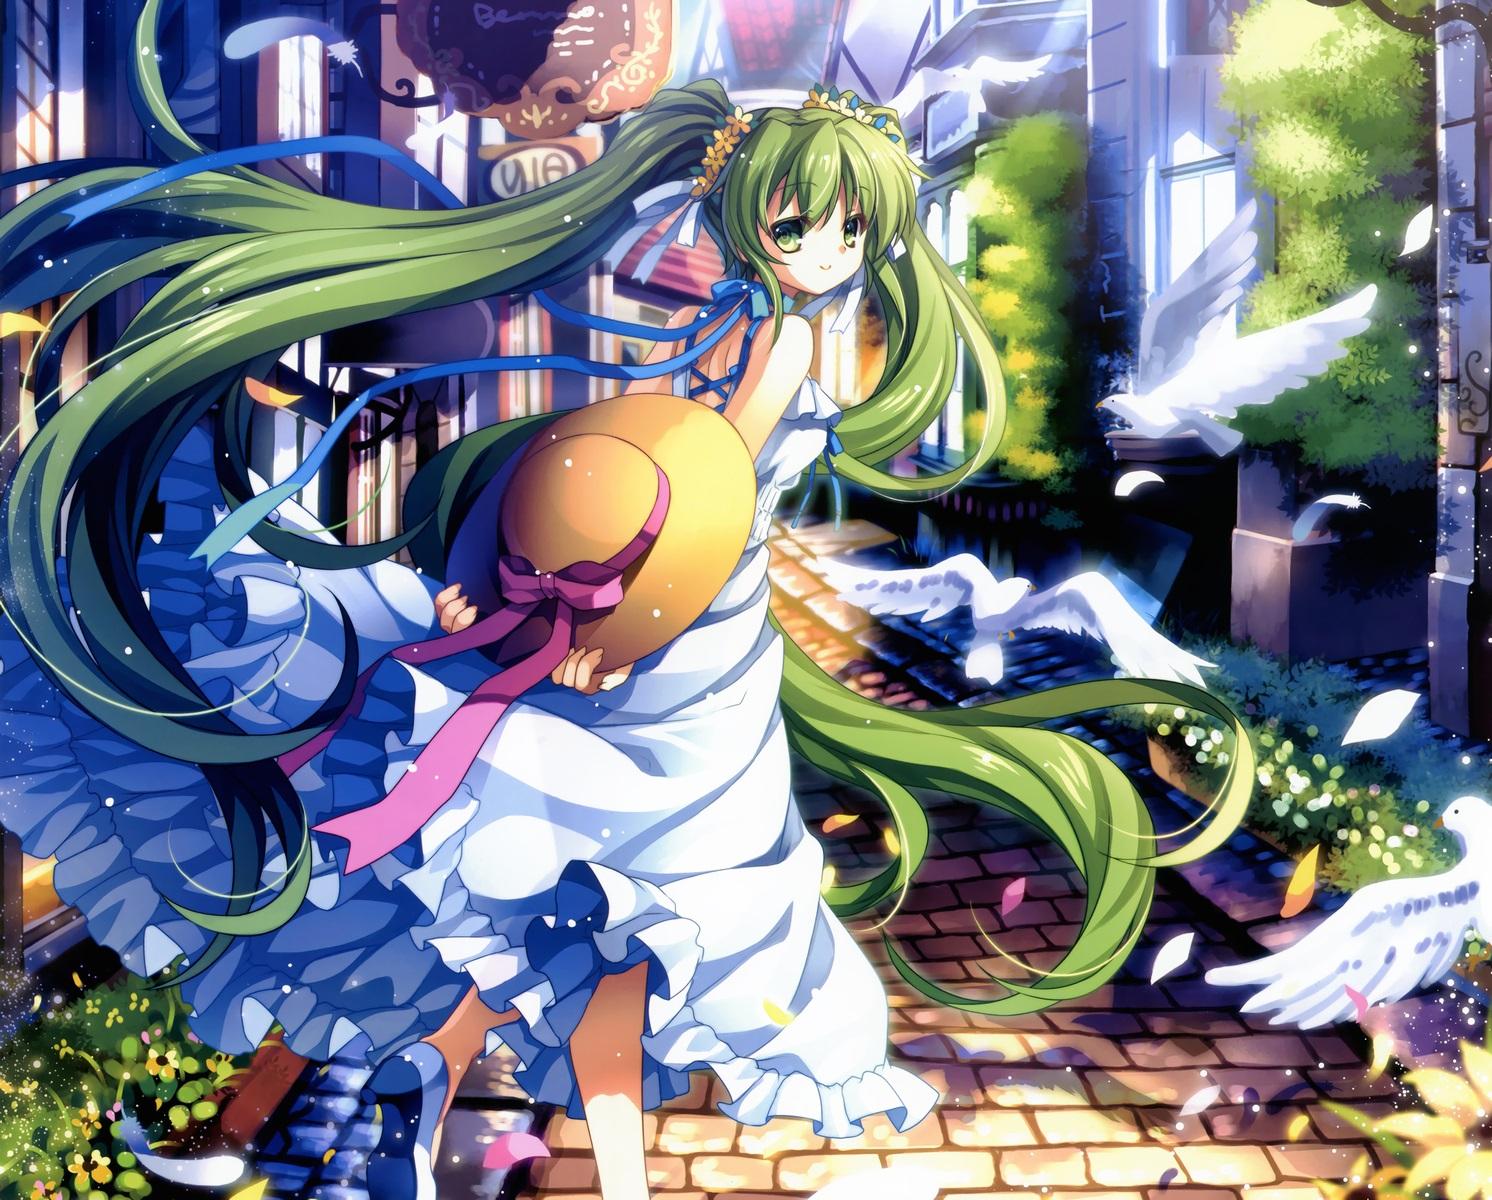 Adorable Hatsune Miku Anime Vocaloid Wallpaper